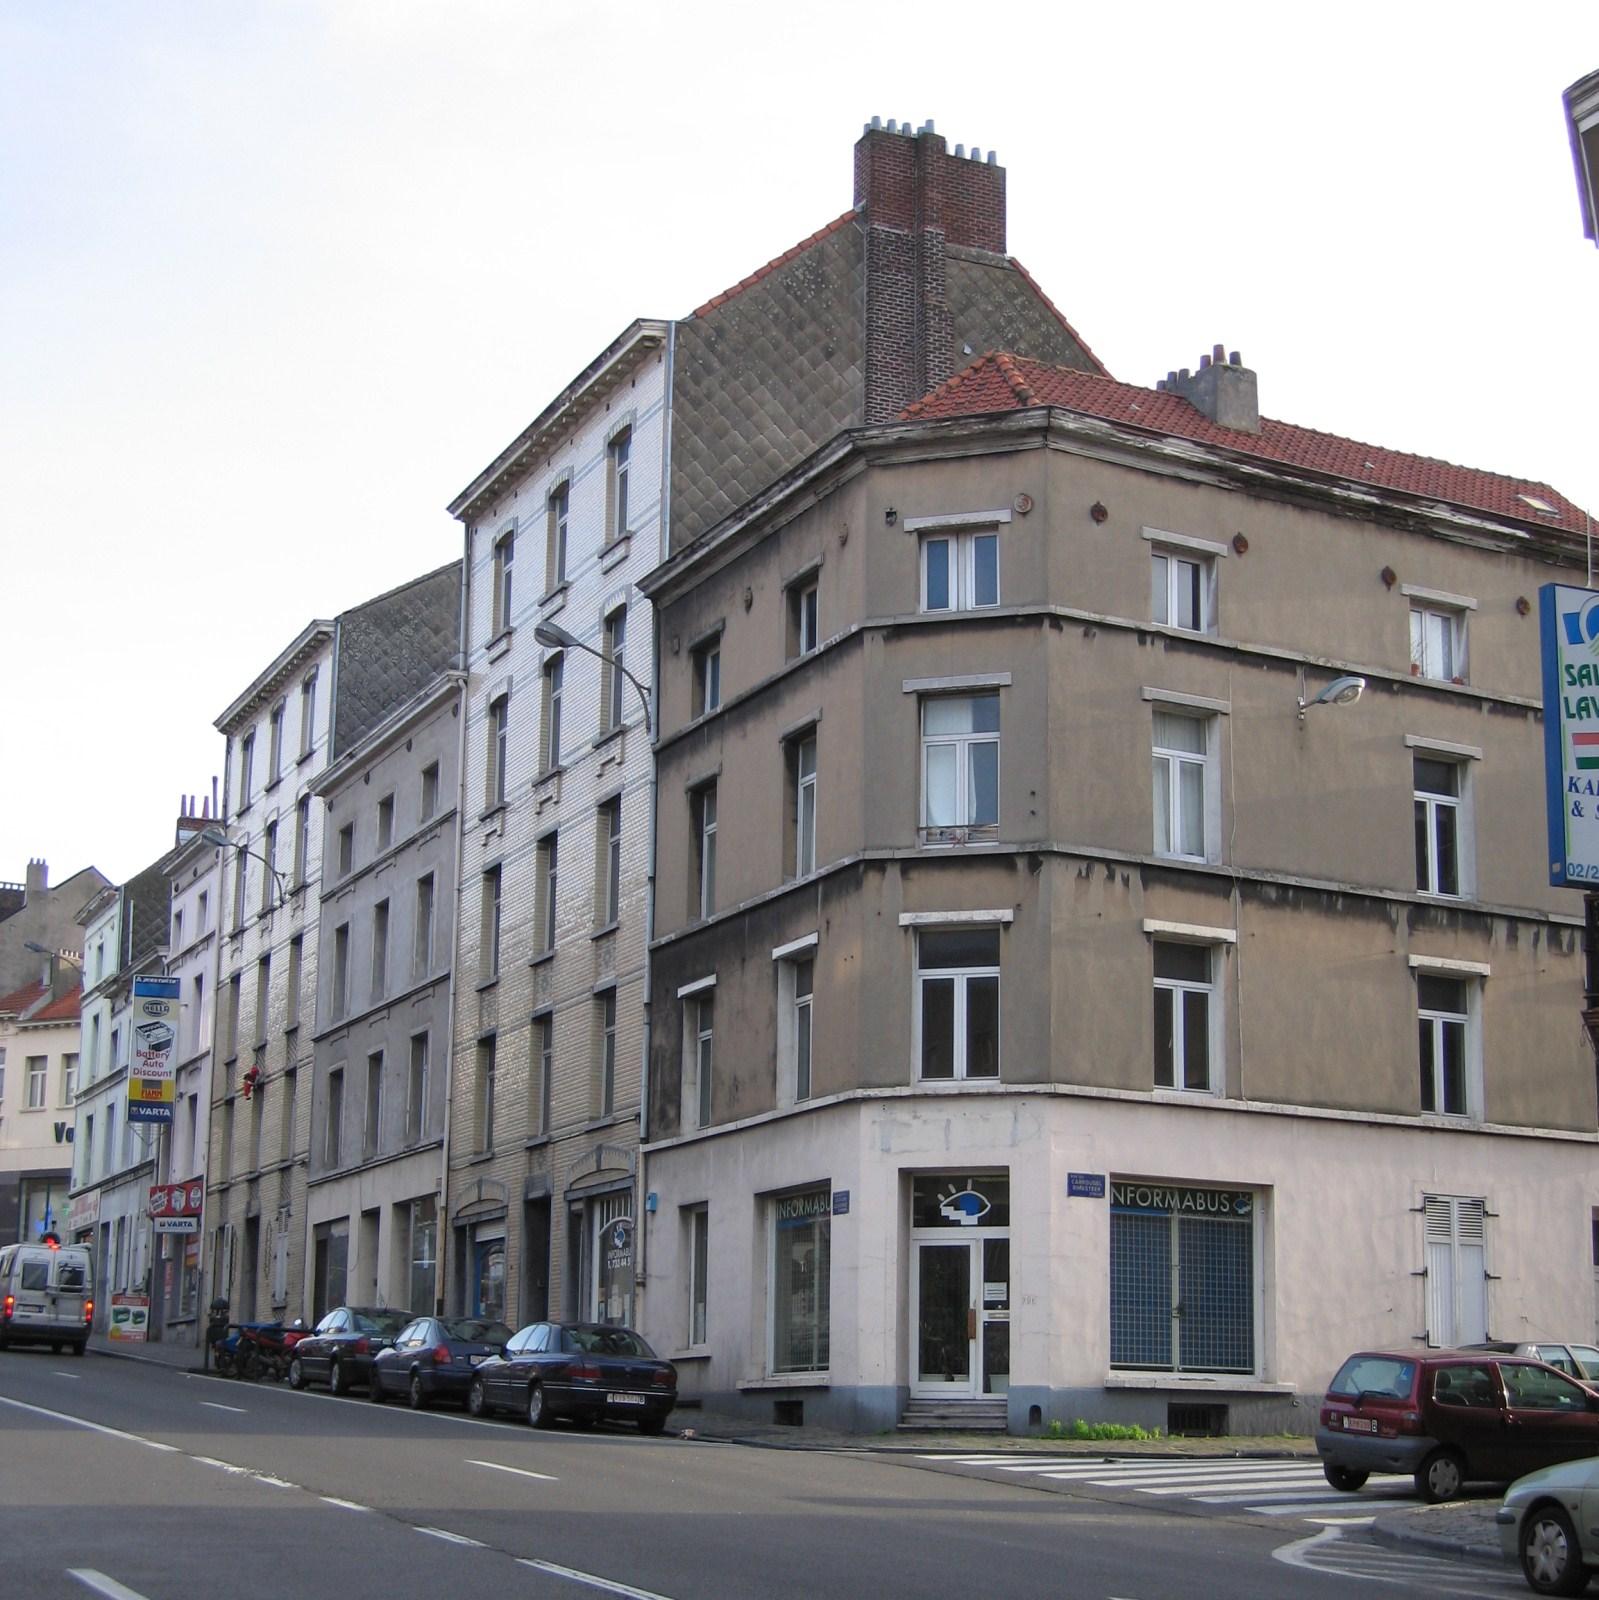 Bruxelles extension est chauss e de louvain - Garage chaussee de bruxelles dampremy ...